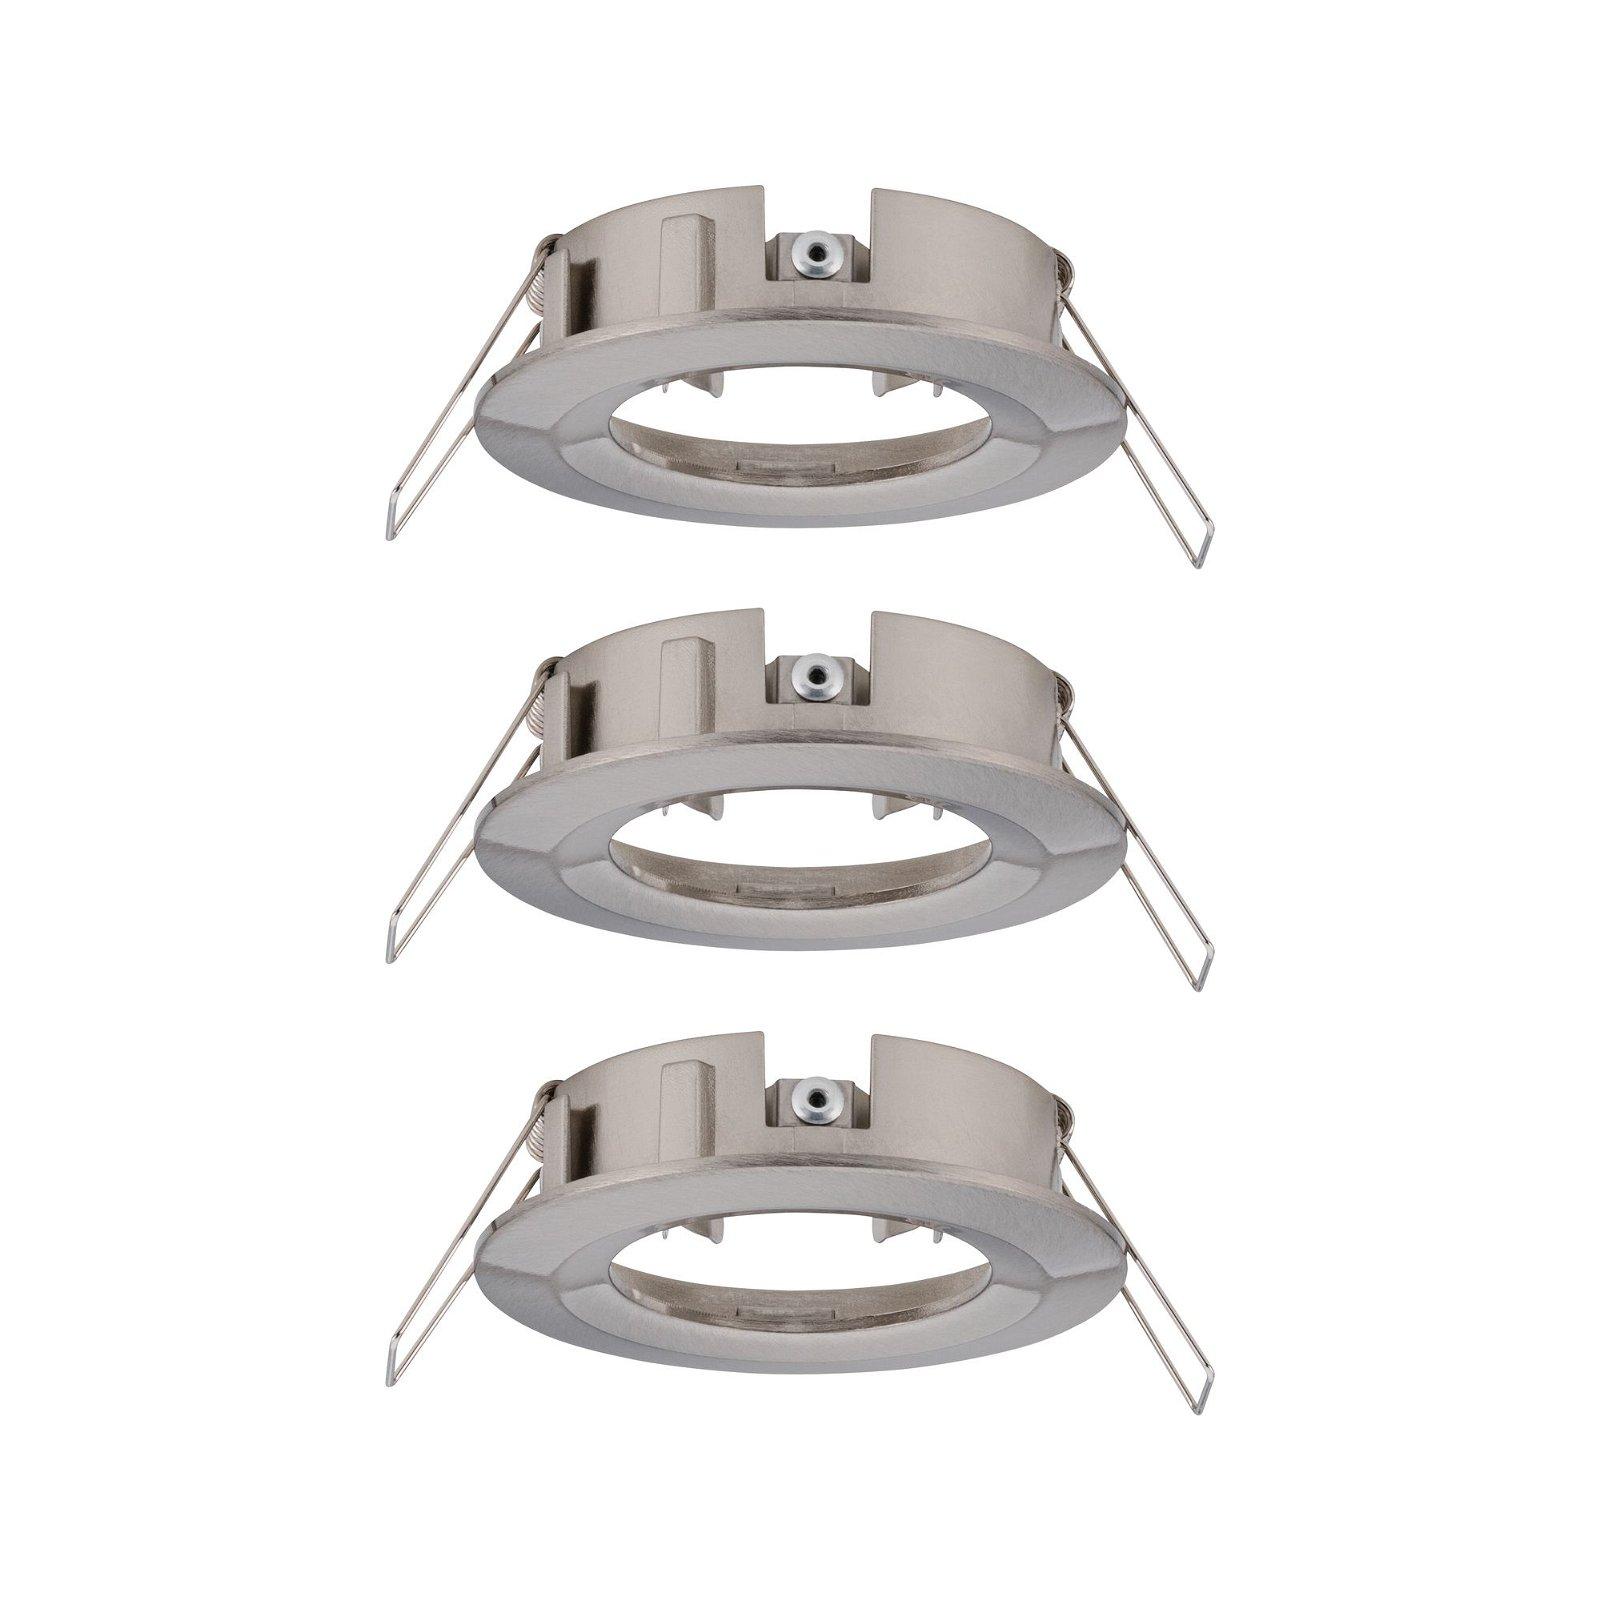 LED Einbauleuchte Choose Basisset starr IP44 rund 78mm max. 3x10W Eisen gebürstet